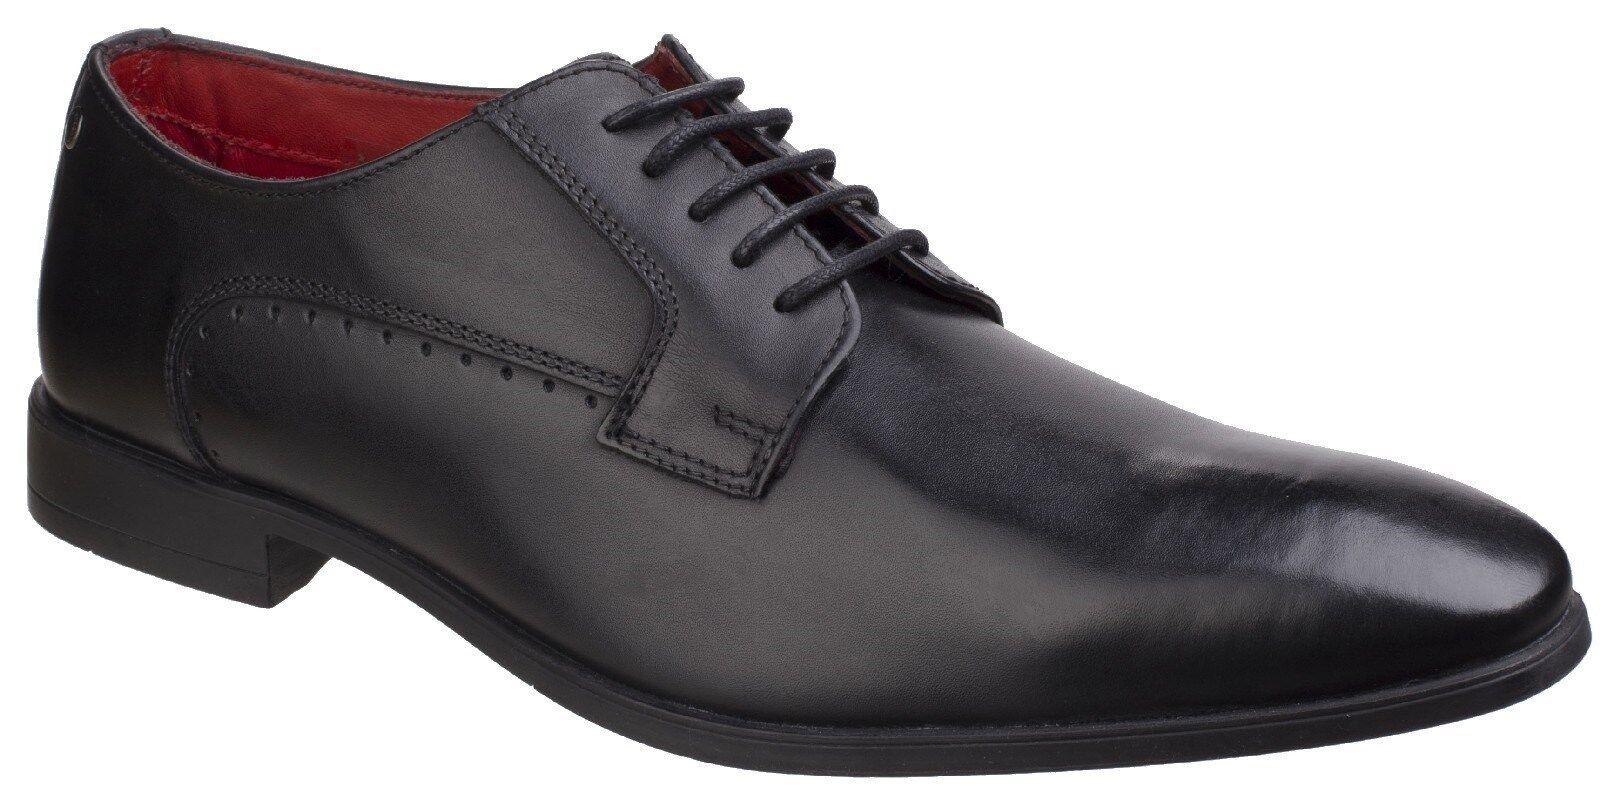 BASE LONDON Penny gewaschen Formell schnürbar Smart Schuhe Herren